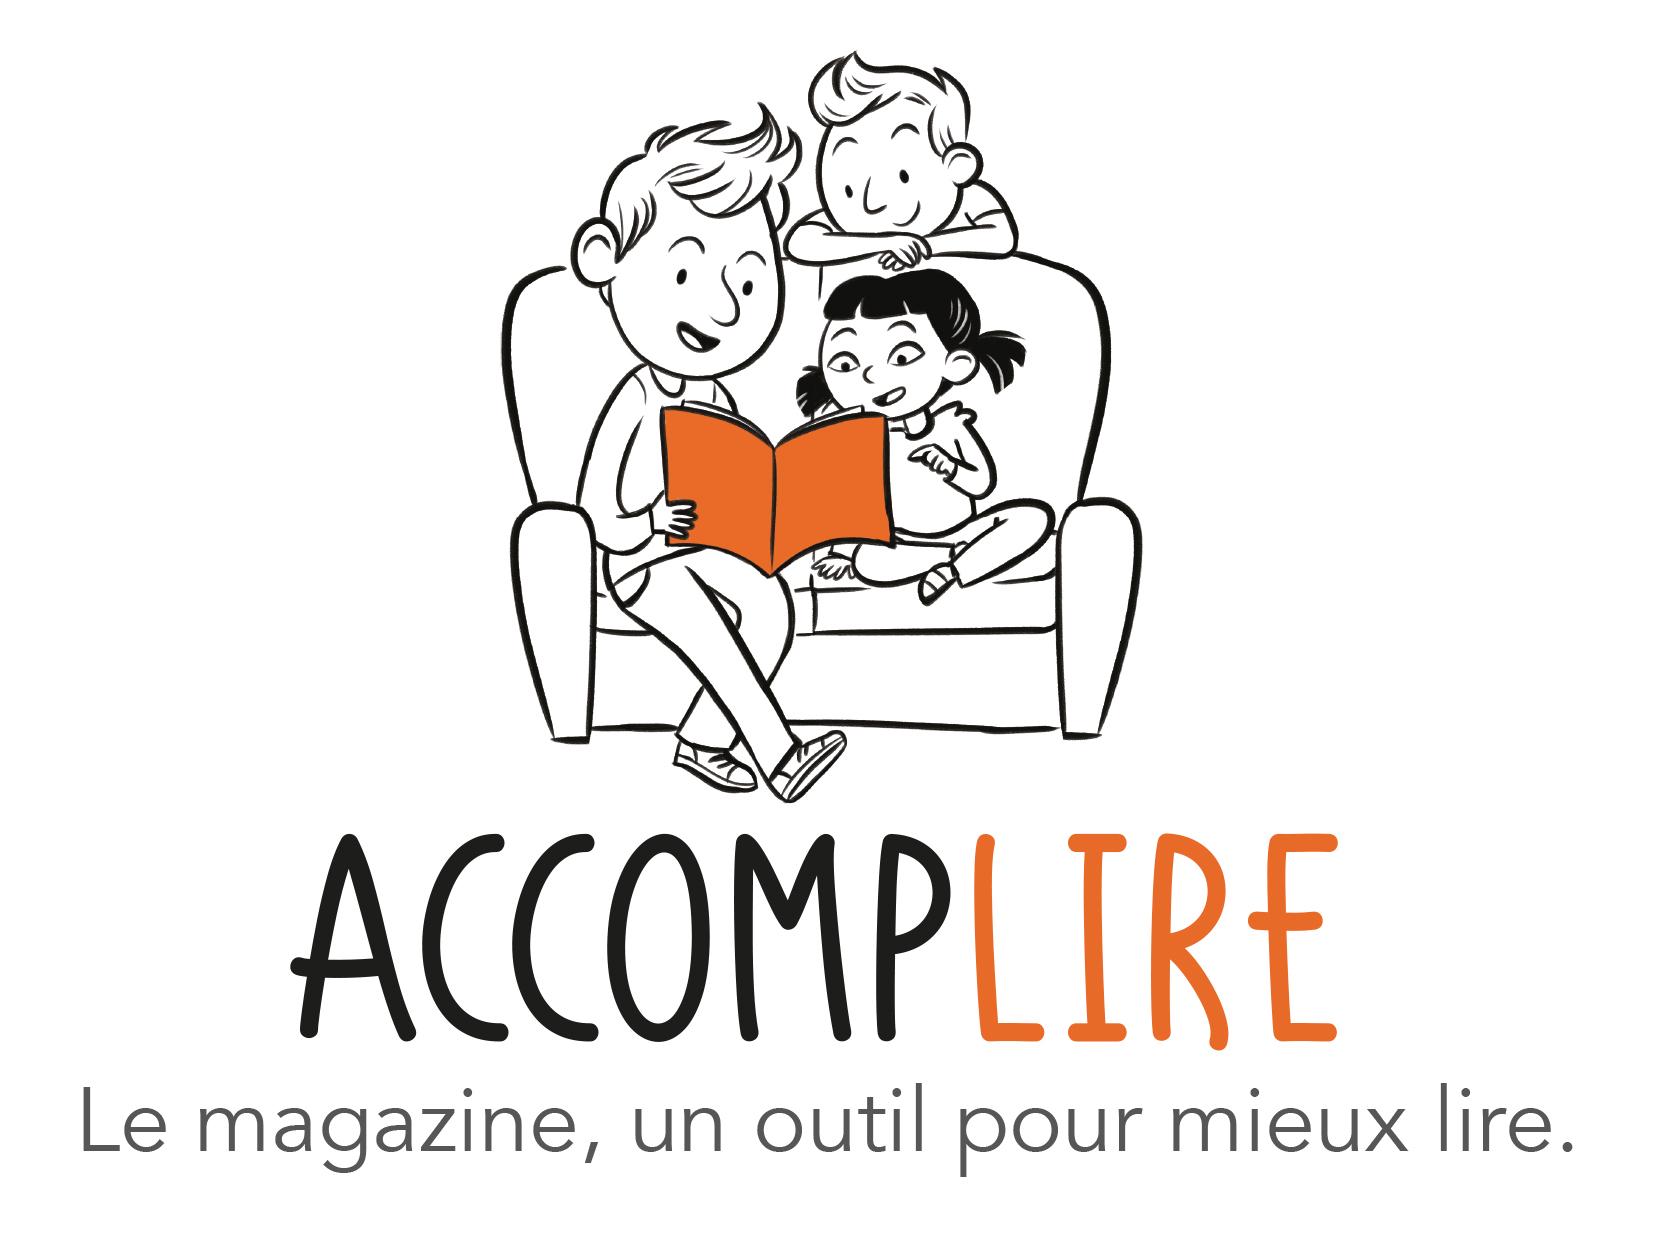 AccompLIRE Archives - Les Débrouillards